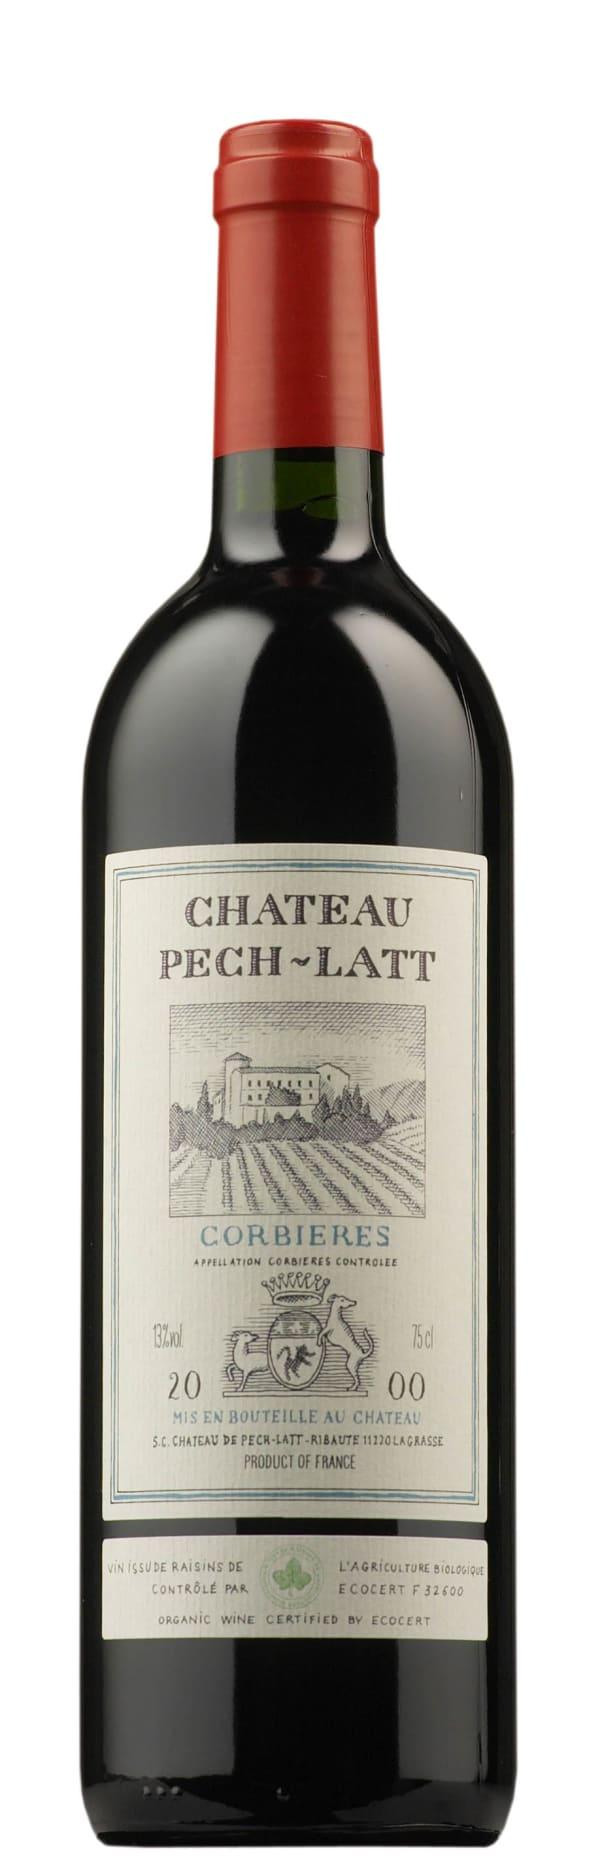 Château Pech-Latt 2016